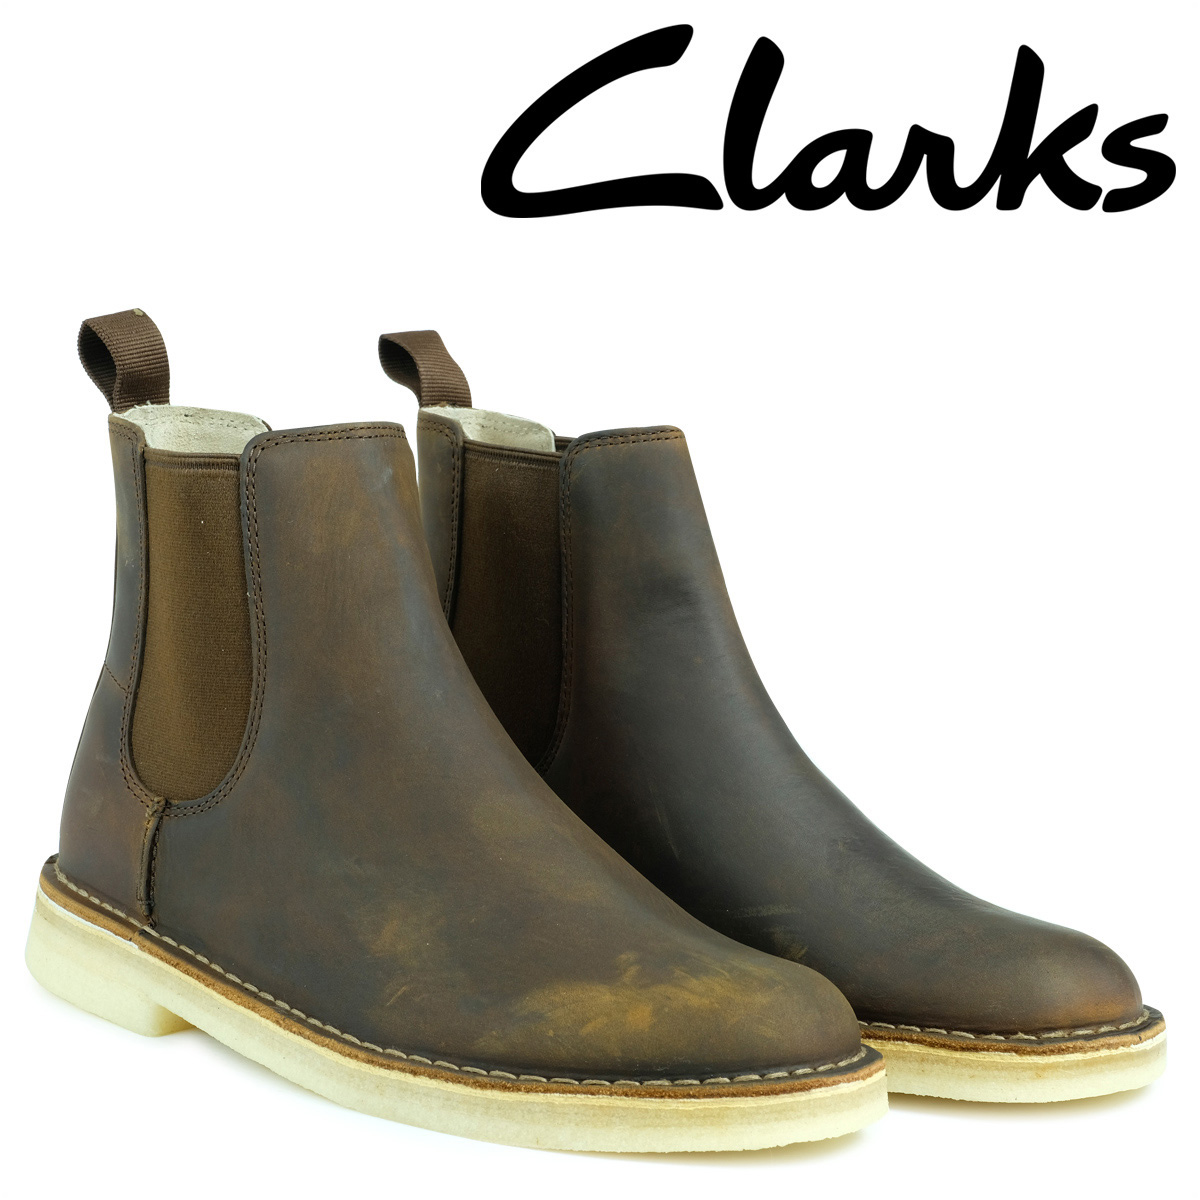 【お買い物マラソンSALE】 クラークス Clarks デザートブーツ メンズ DESERT PEAK 26128732 サイドゴア ピーク ブラウン